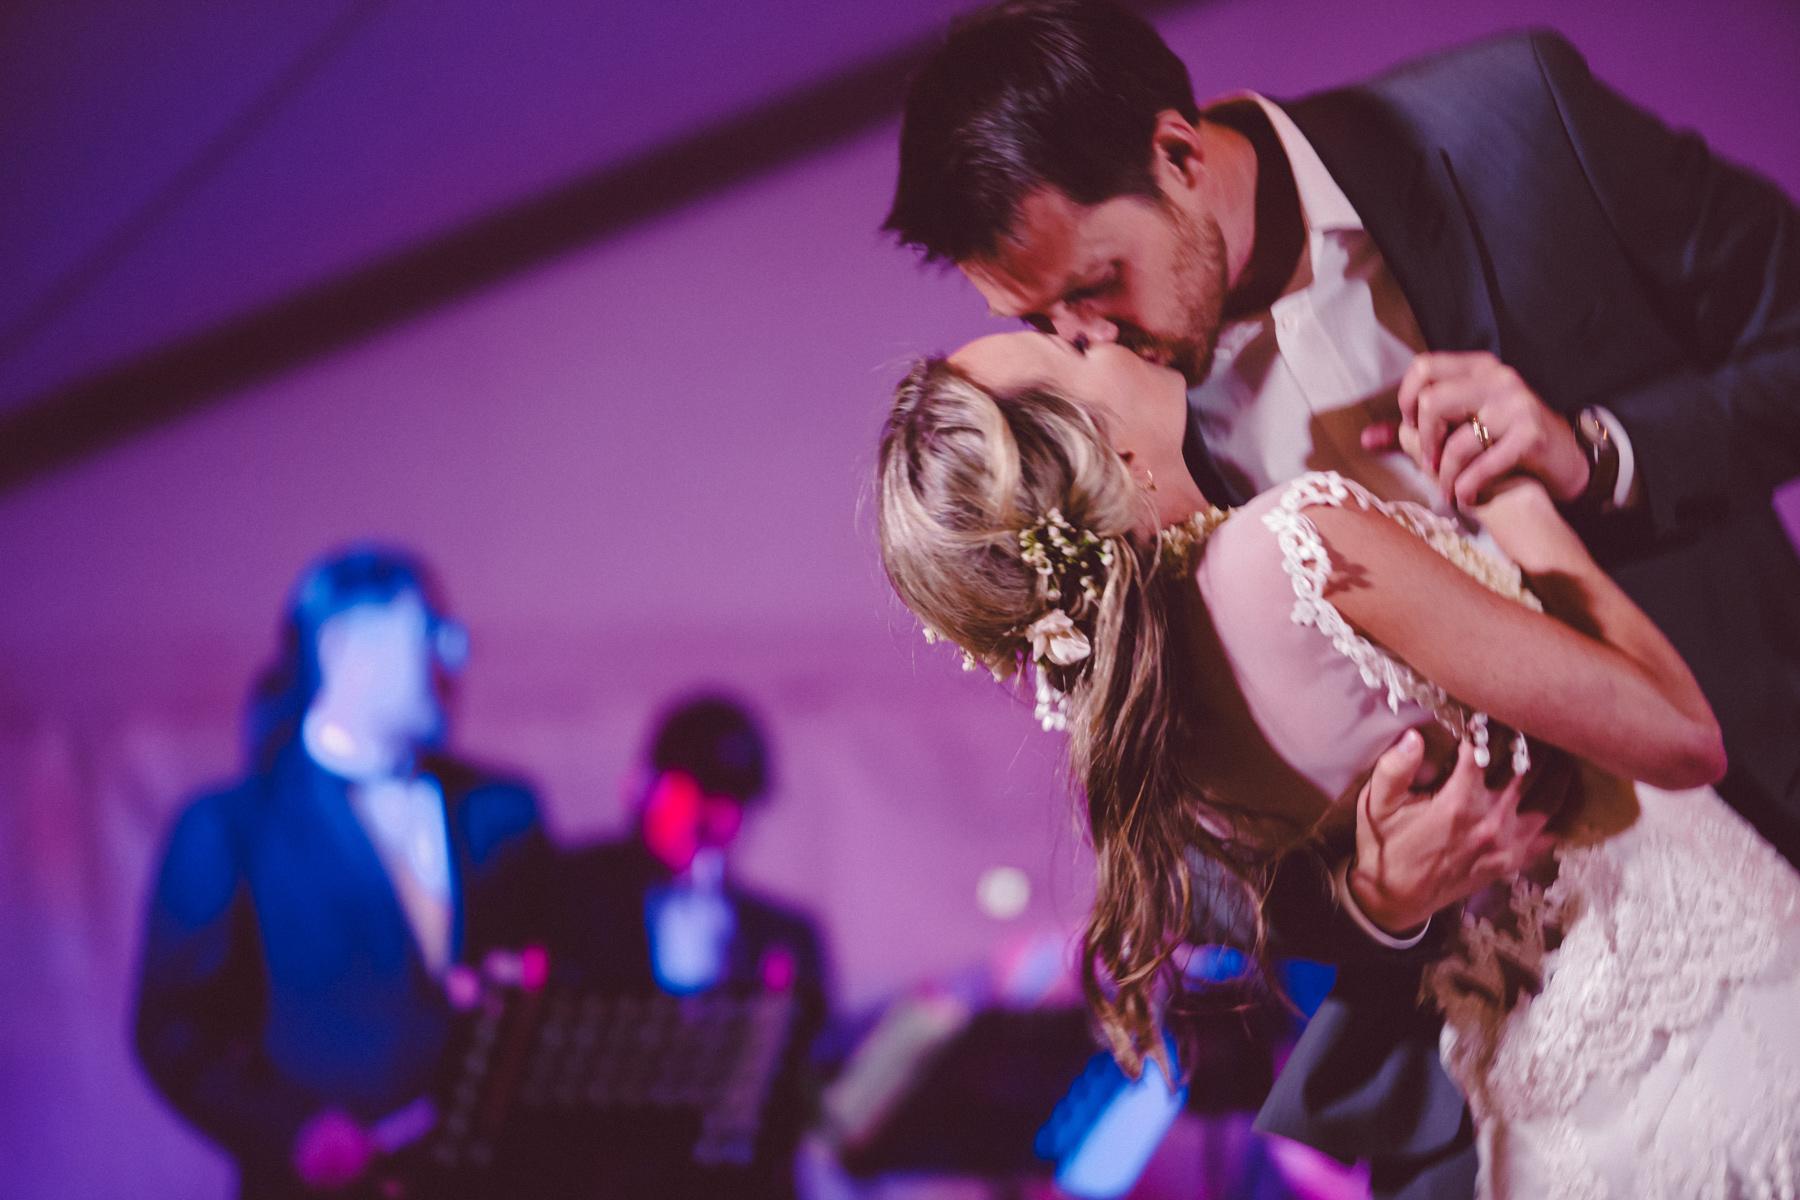 Real Weddings - Add a description of your services here. Cum sociis natoque penatibus et magnis dolor sit amet. Natoque penatibus et. Cras justo odio, dapibus ac facilisis in, egestas eget quam.